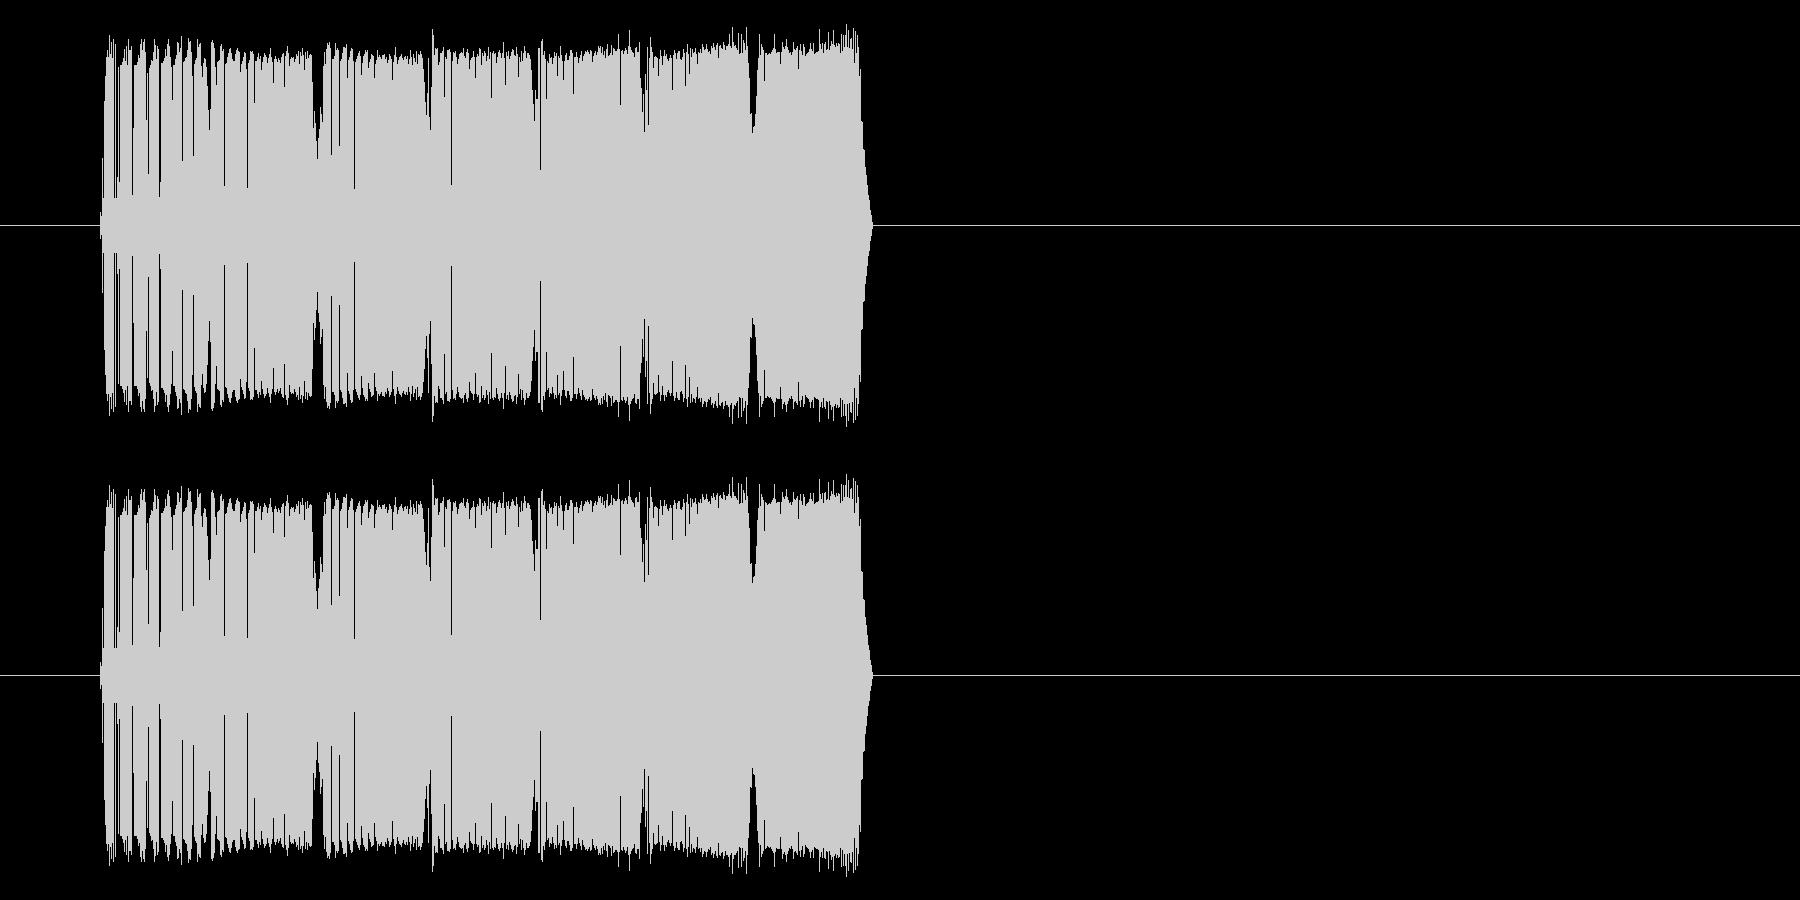 【NES-RPG01-05(魔法)】の未再生の波形